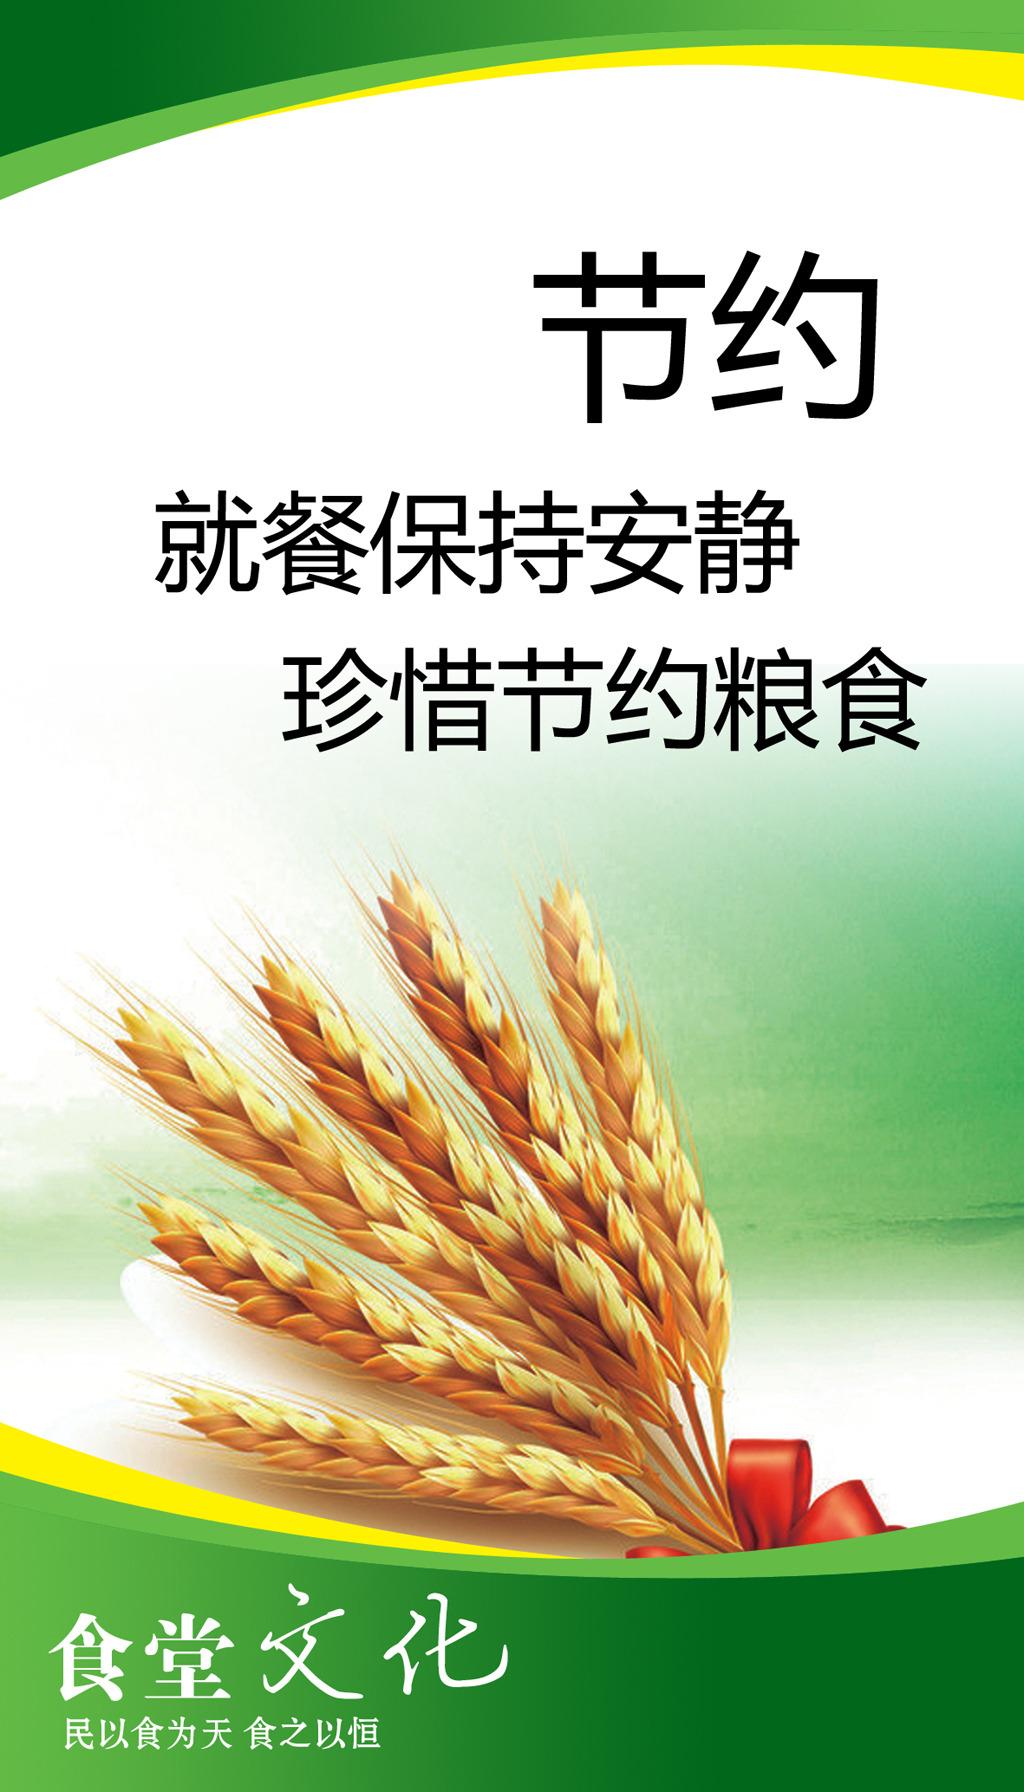 节约粮食食堂标语挂画